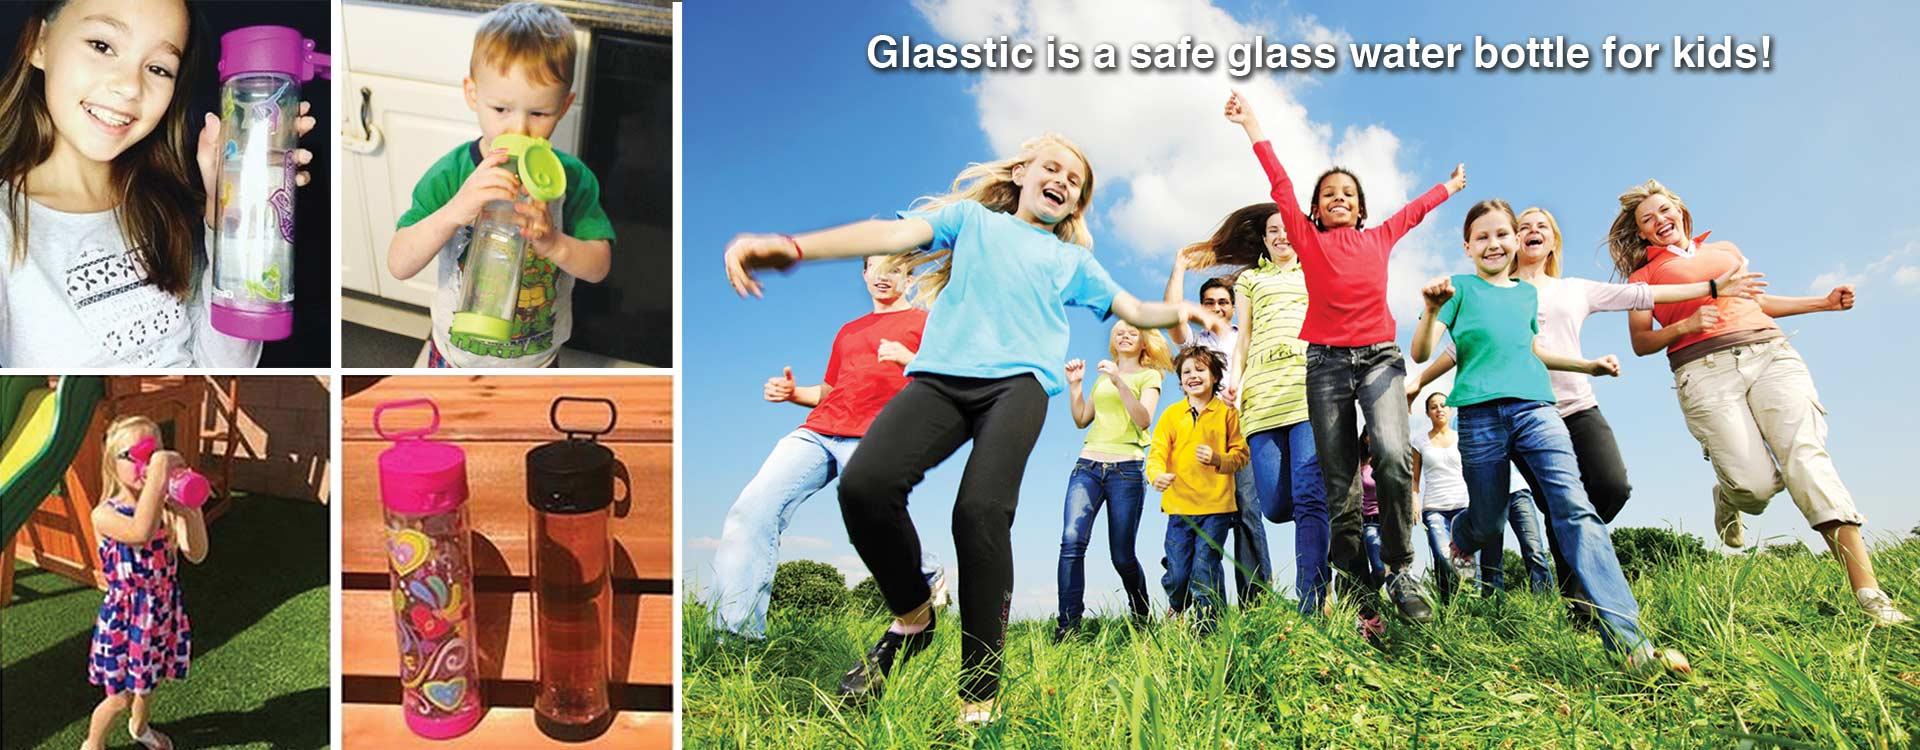 Glasstic - Safe for Kids